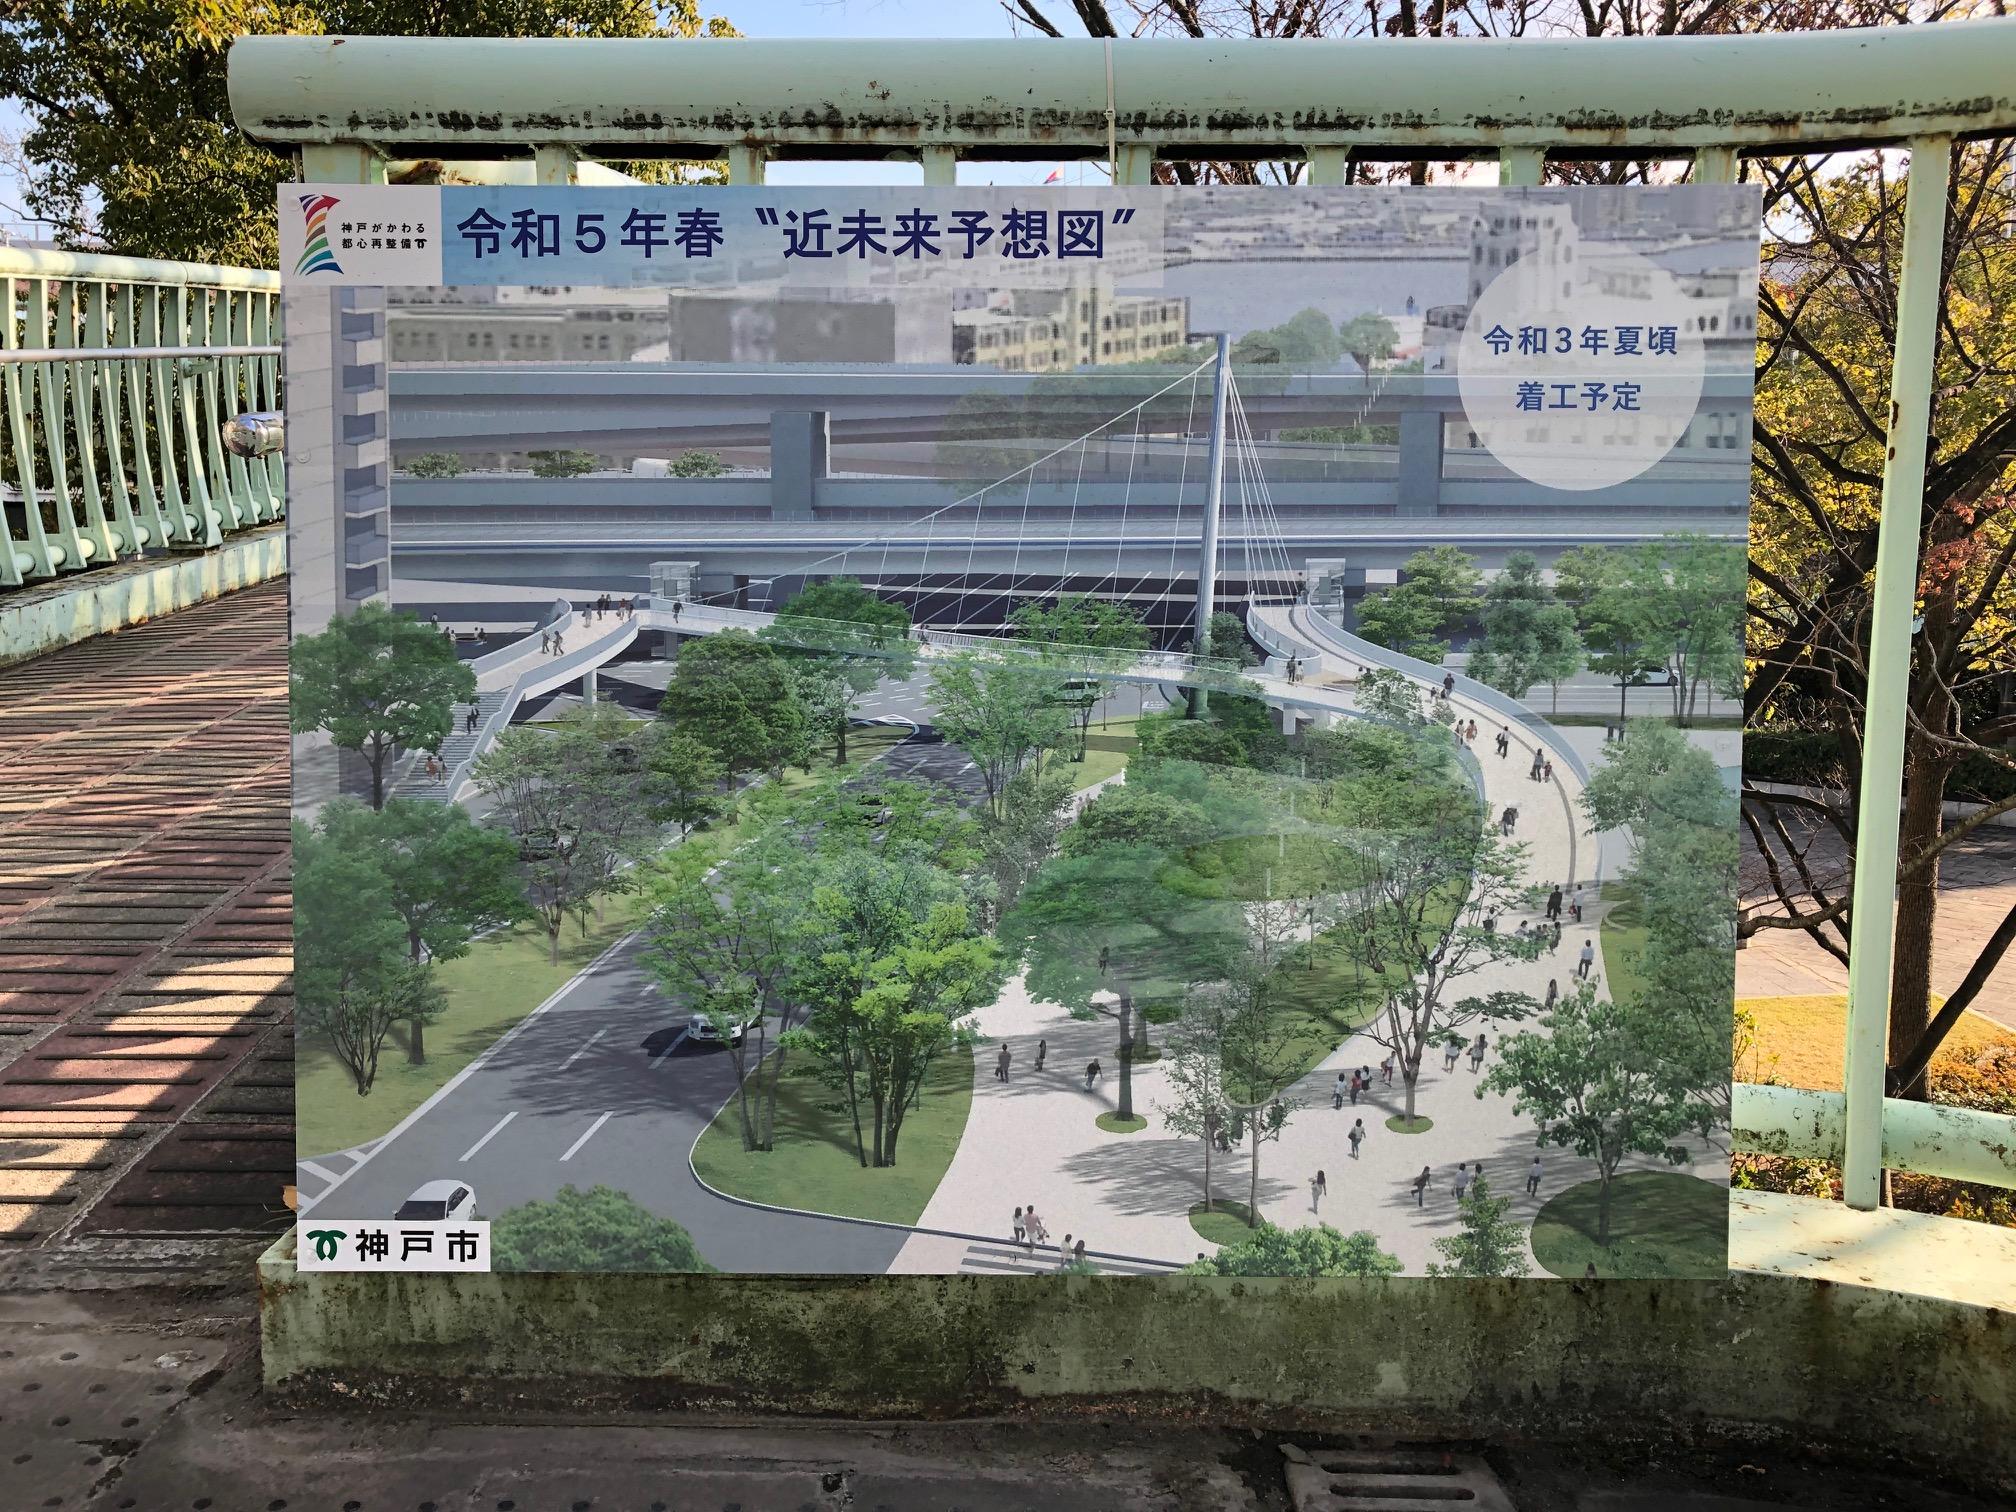 歩道橋に設置されたパネルより、「渡りたくなる歩道橋」をテーマとした新しいデザインのイメージ。2023年春に完成予定。